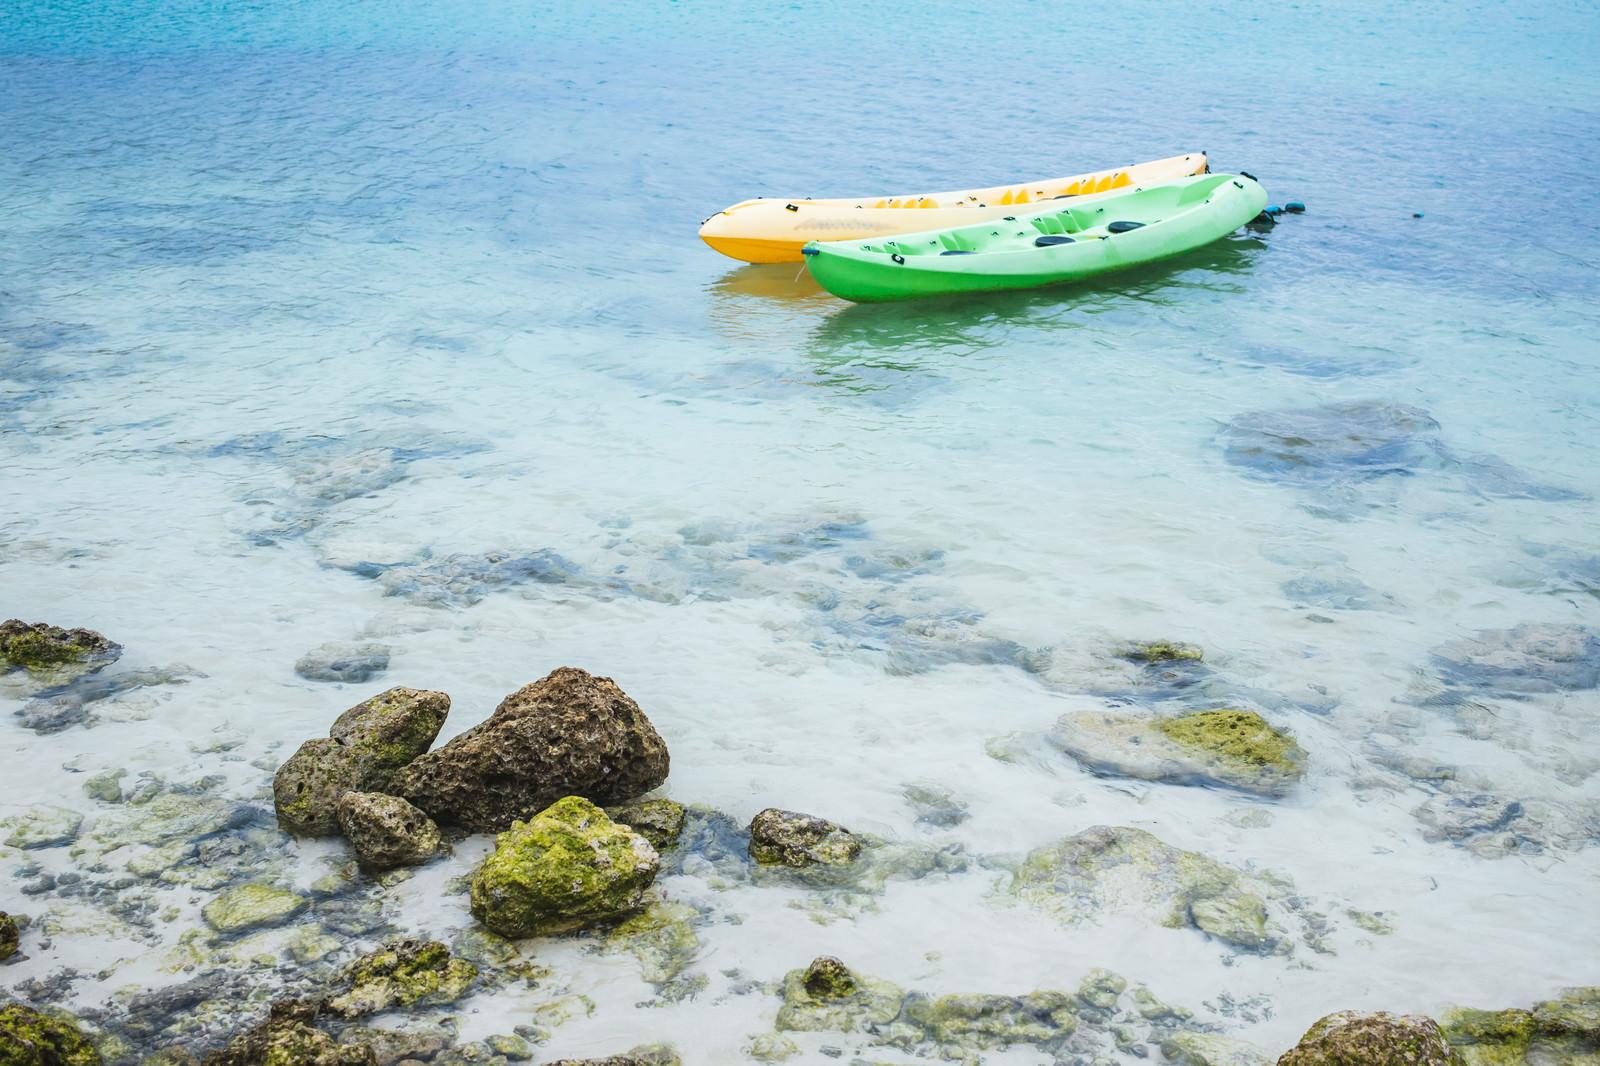 「浅瀬に浮かぶボート」の写真